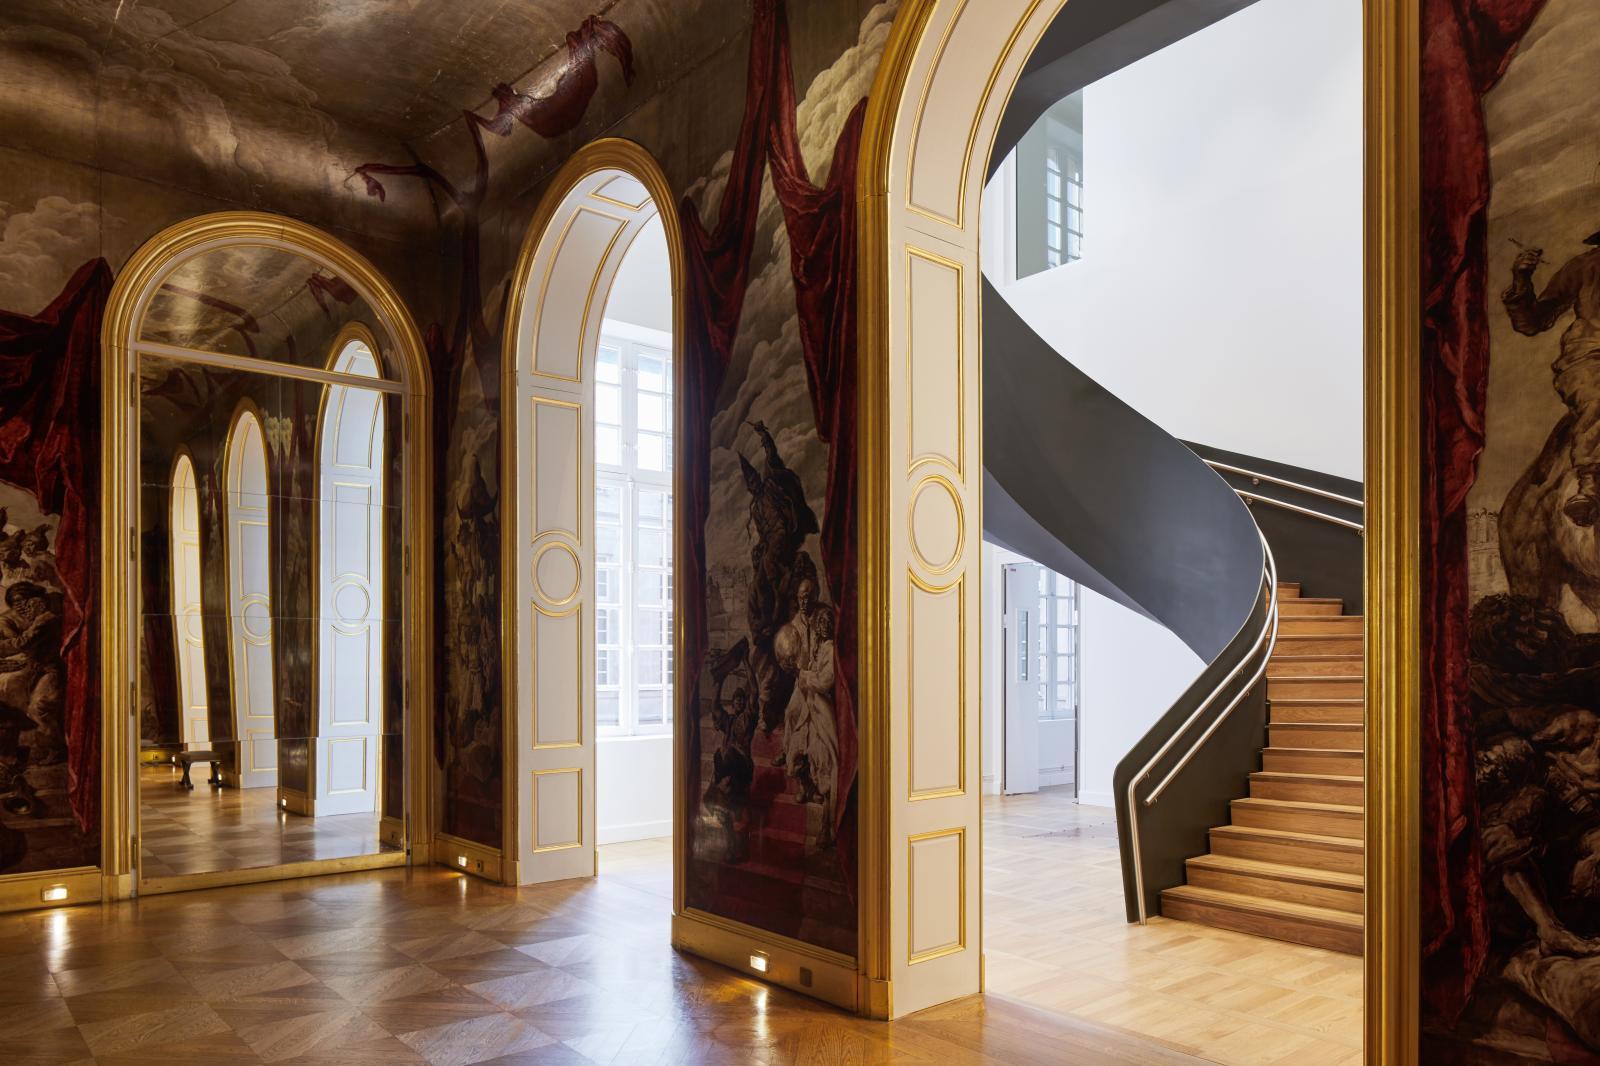 Le salle de bal Wendel et l'escalier monumental. Musée Carnavalet - Histoire de Paris© Antoine Mercusot